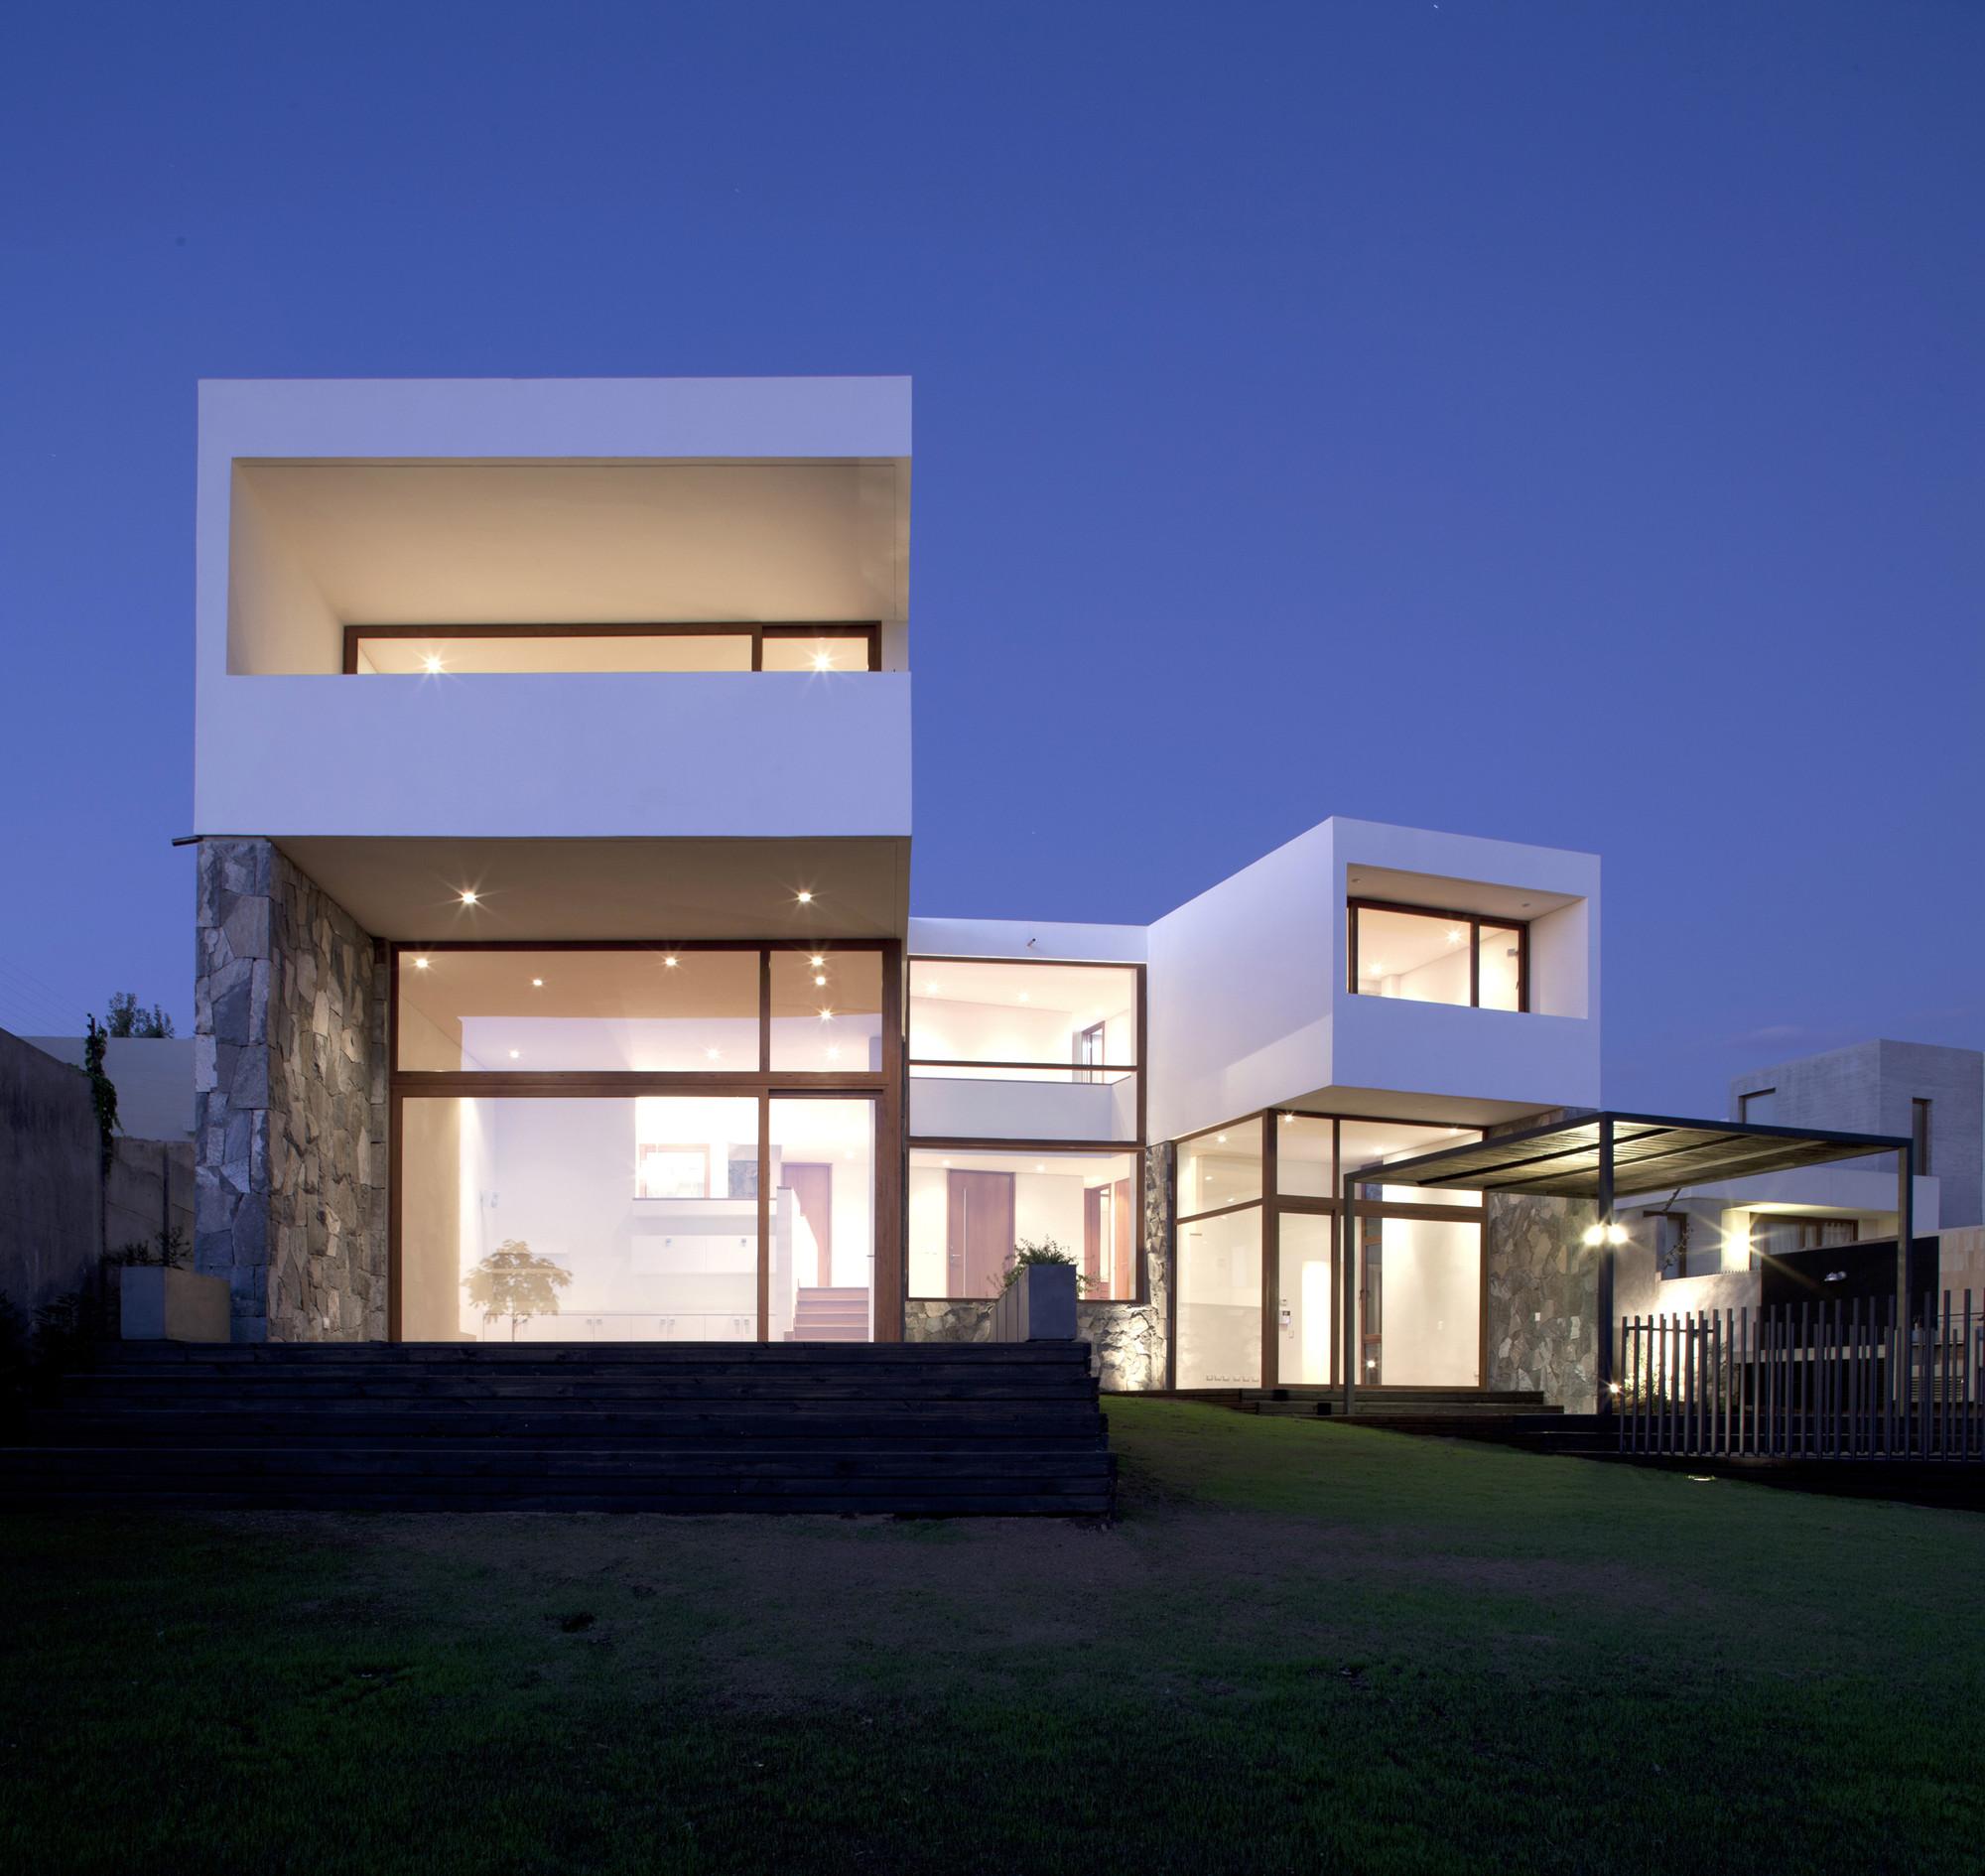 Casa Donoso – Smith / emA Arquitectos + Raimundo Salgado, © Marcelo Cáceres